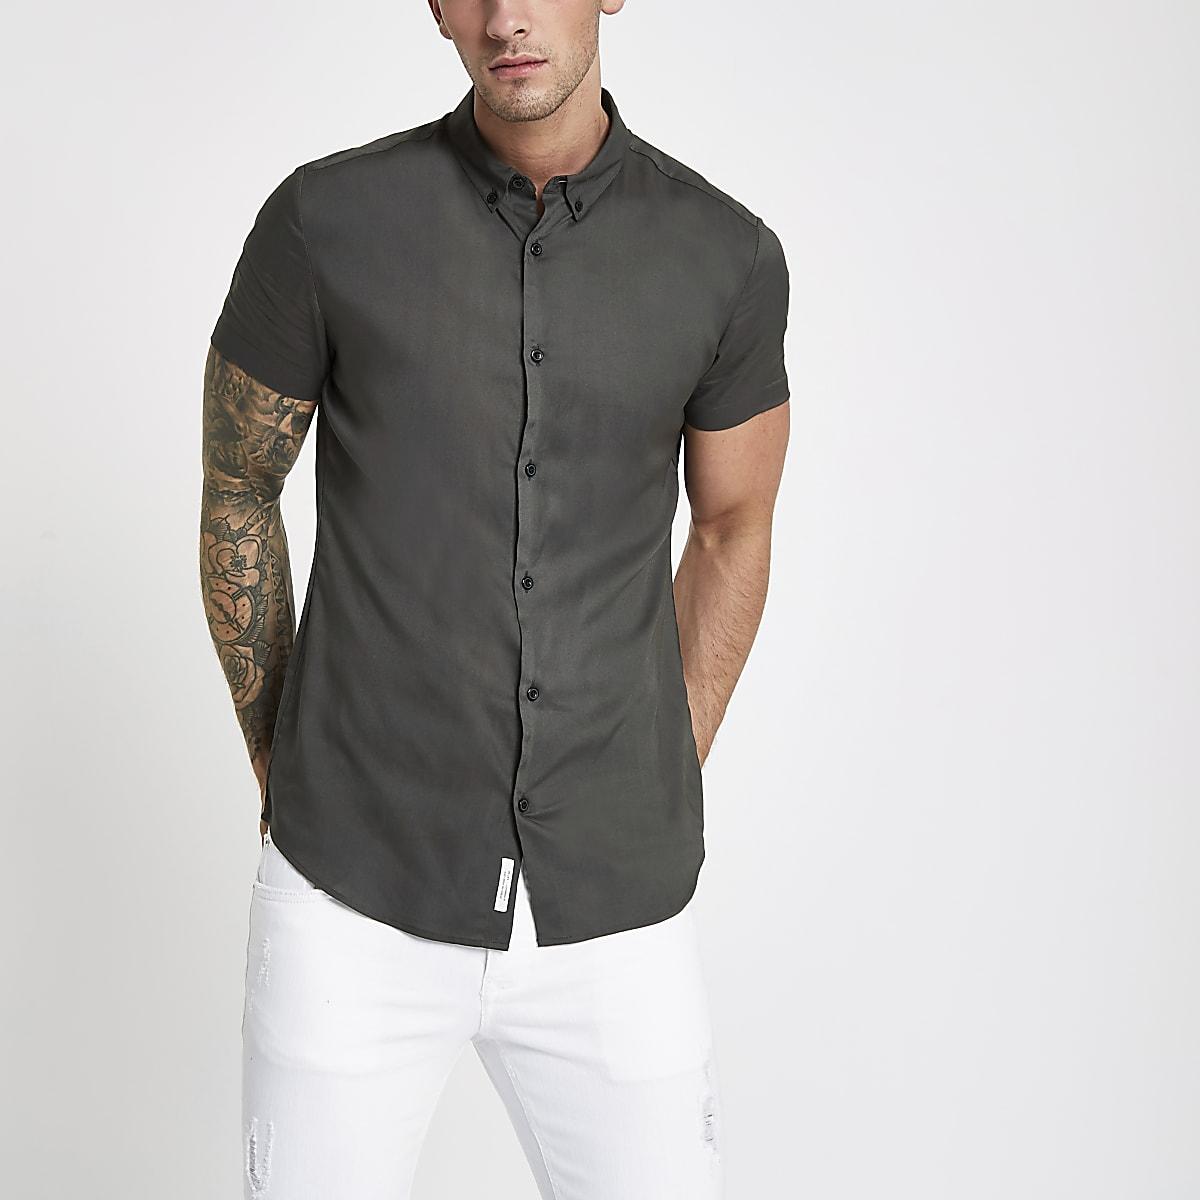 Khaki green slim fit short sleeve shirt